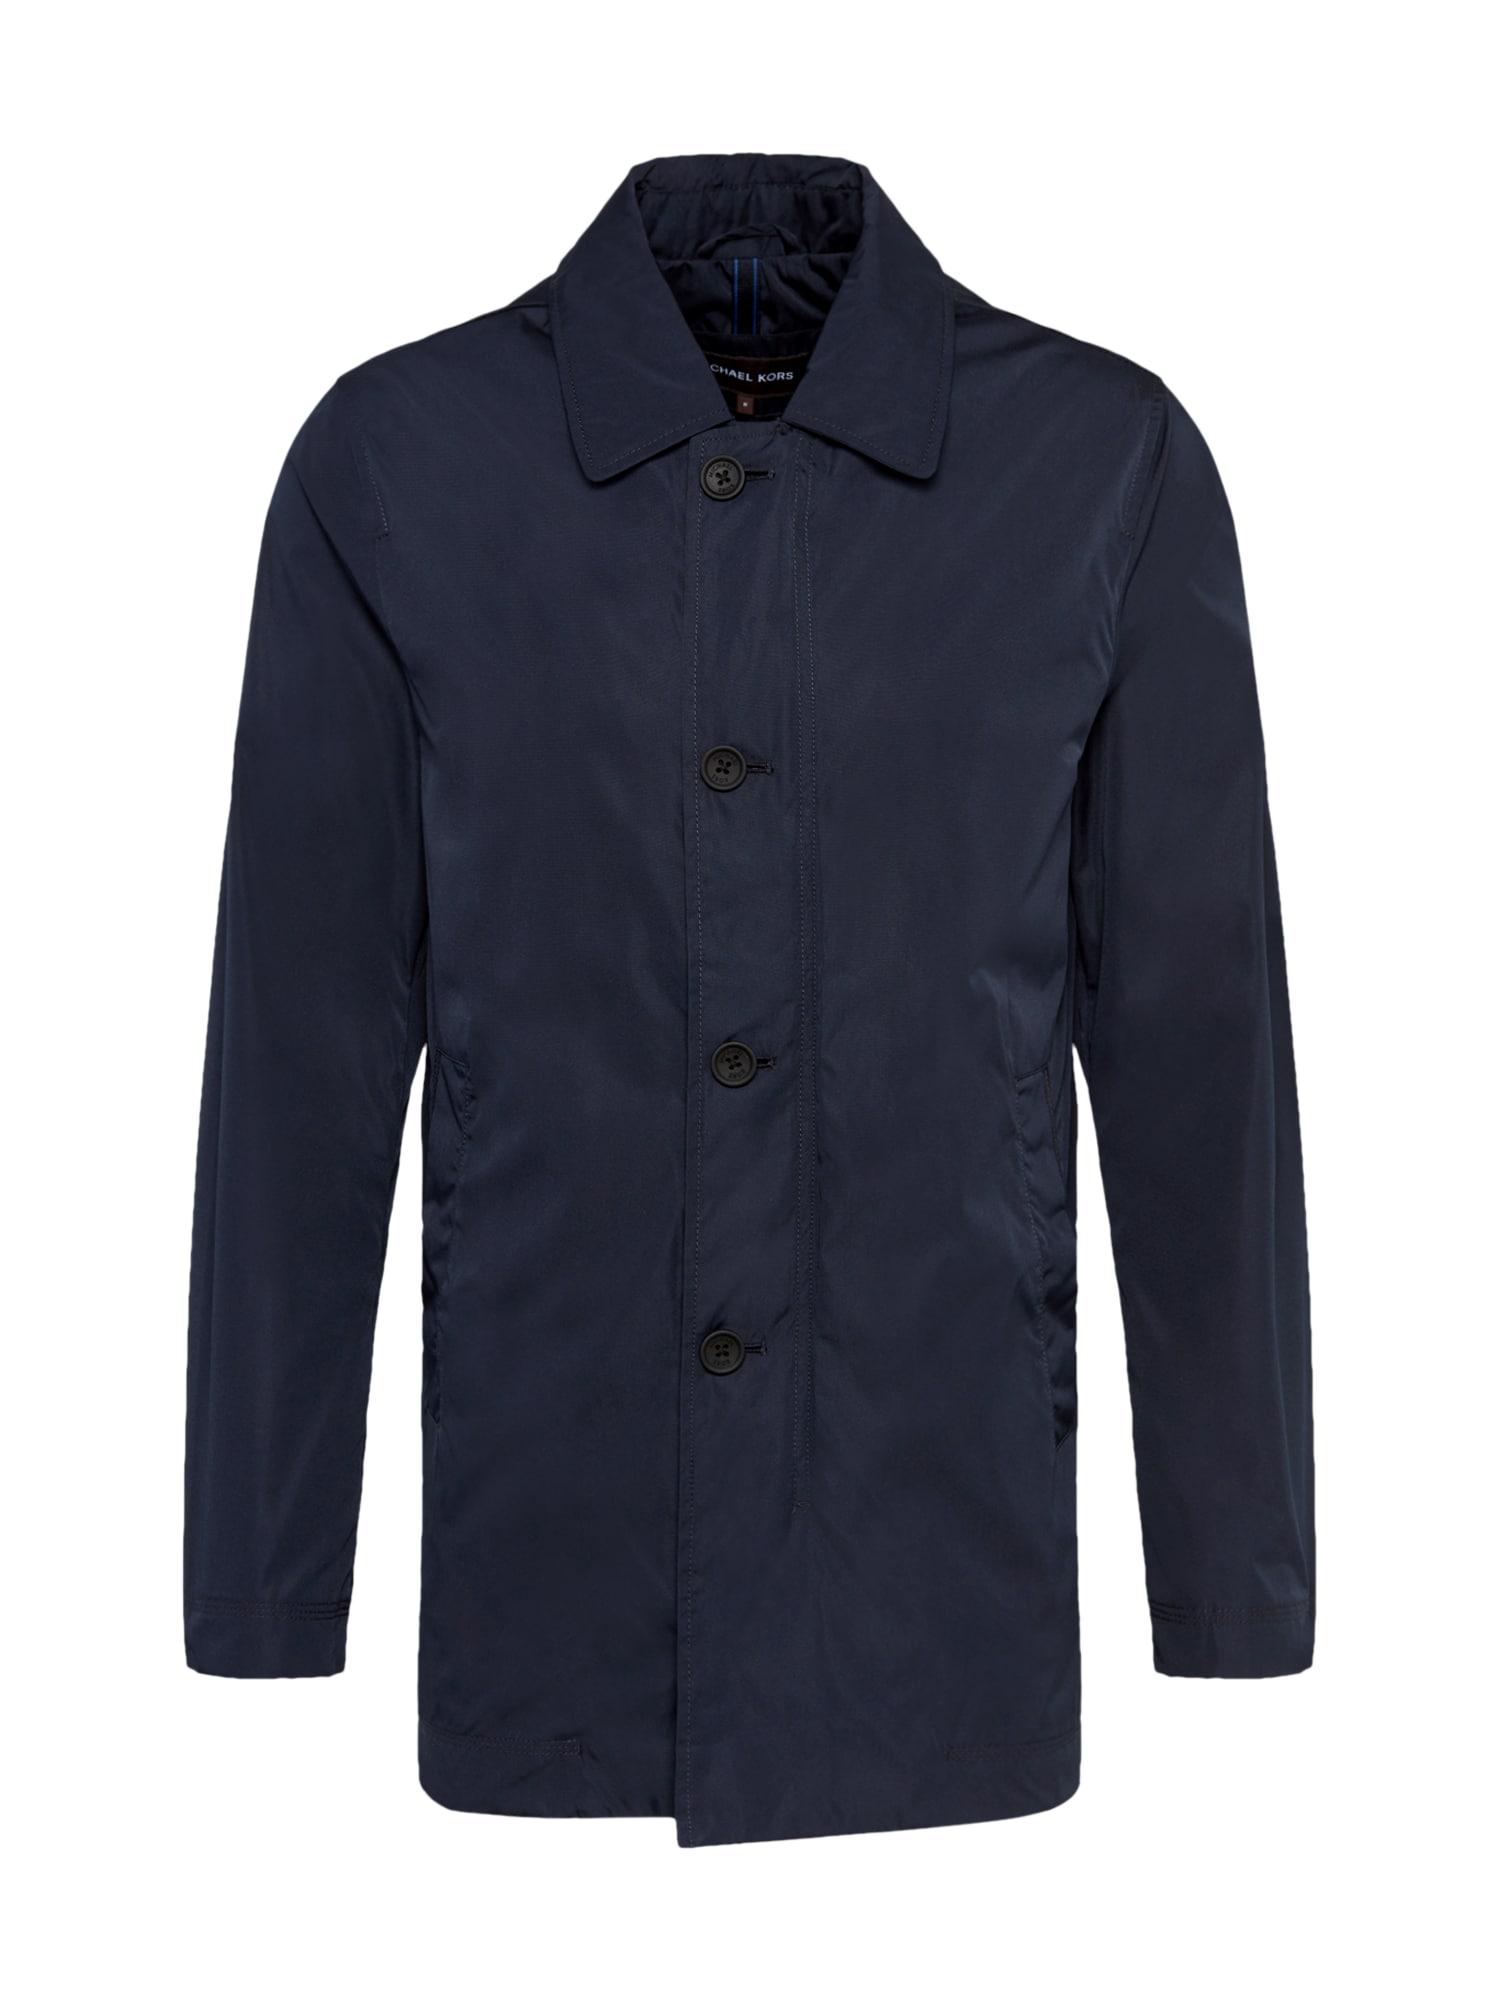 Michael Kors Demisezoninis paltas nakties mėlyna